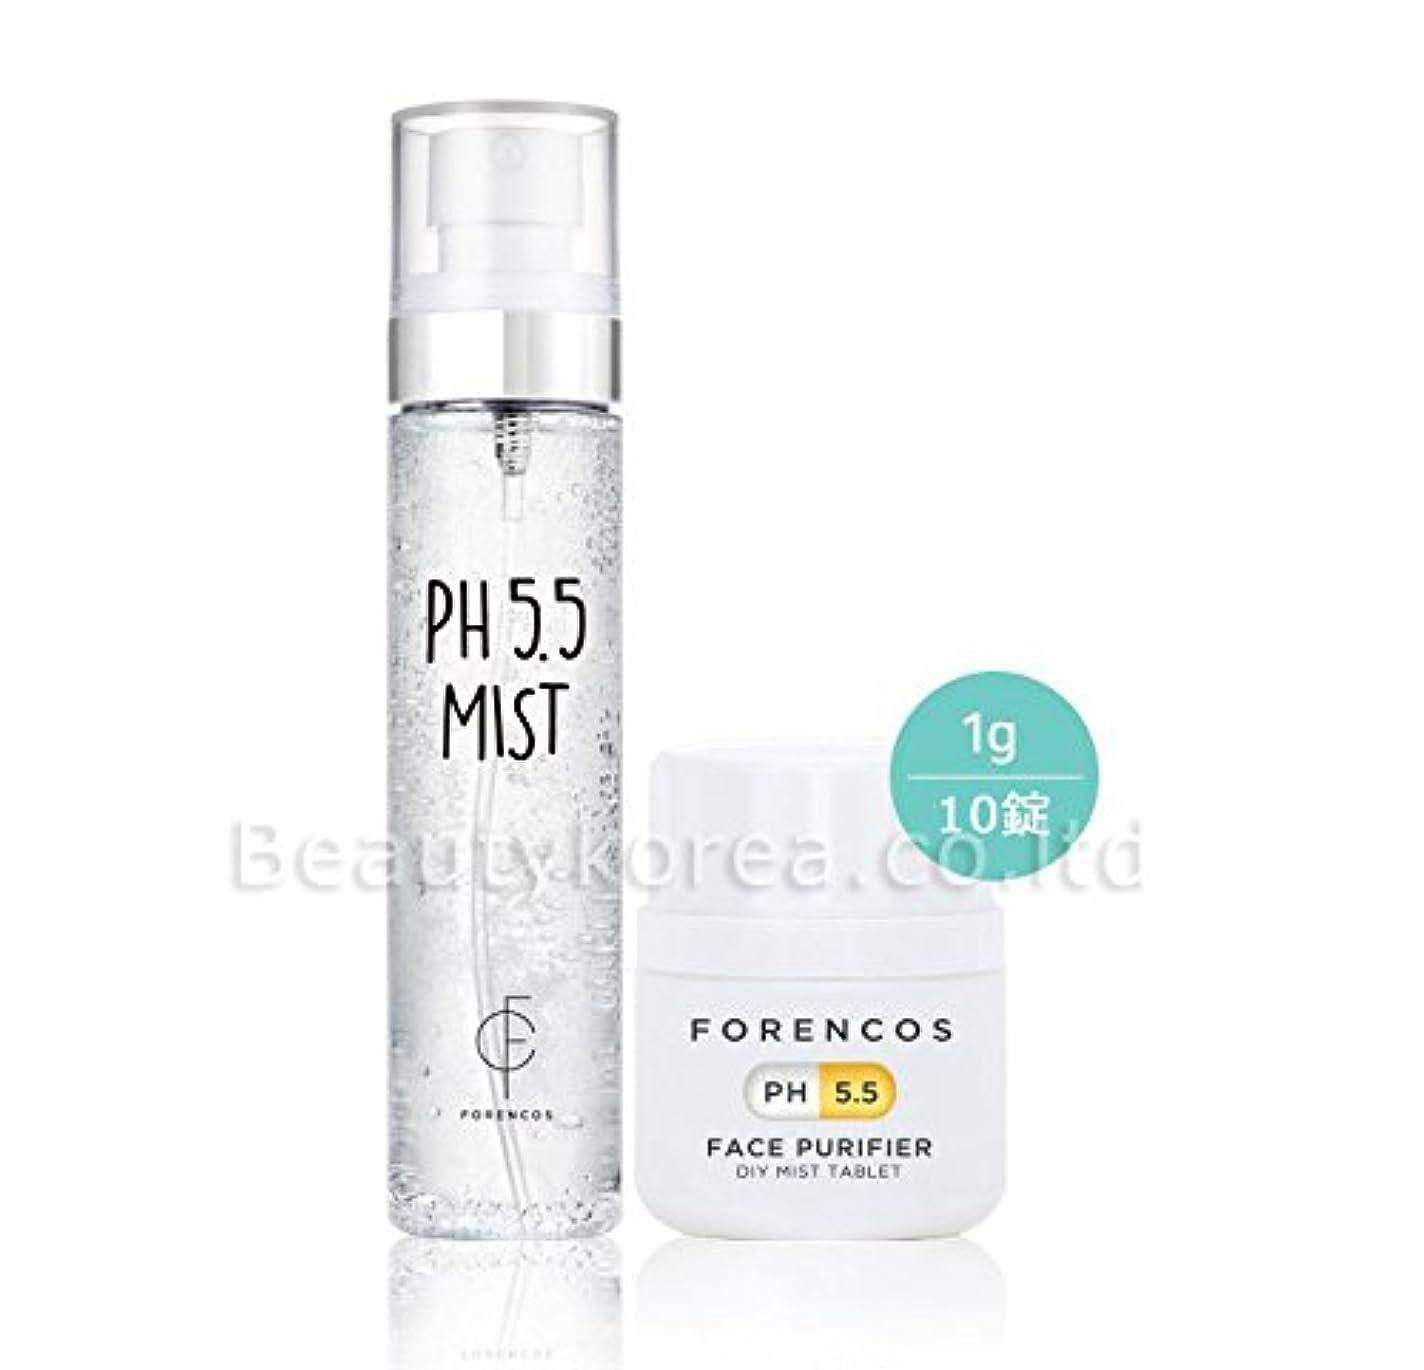 オデュッセウス競争力のあるホバー[FORENCOS] 花粉?PM2.5対策★フォレンコス PH5.5フェイスピュリファイア弱酸性ミスト PH5.5 Purifier Mist [並行輸入品]